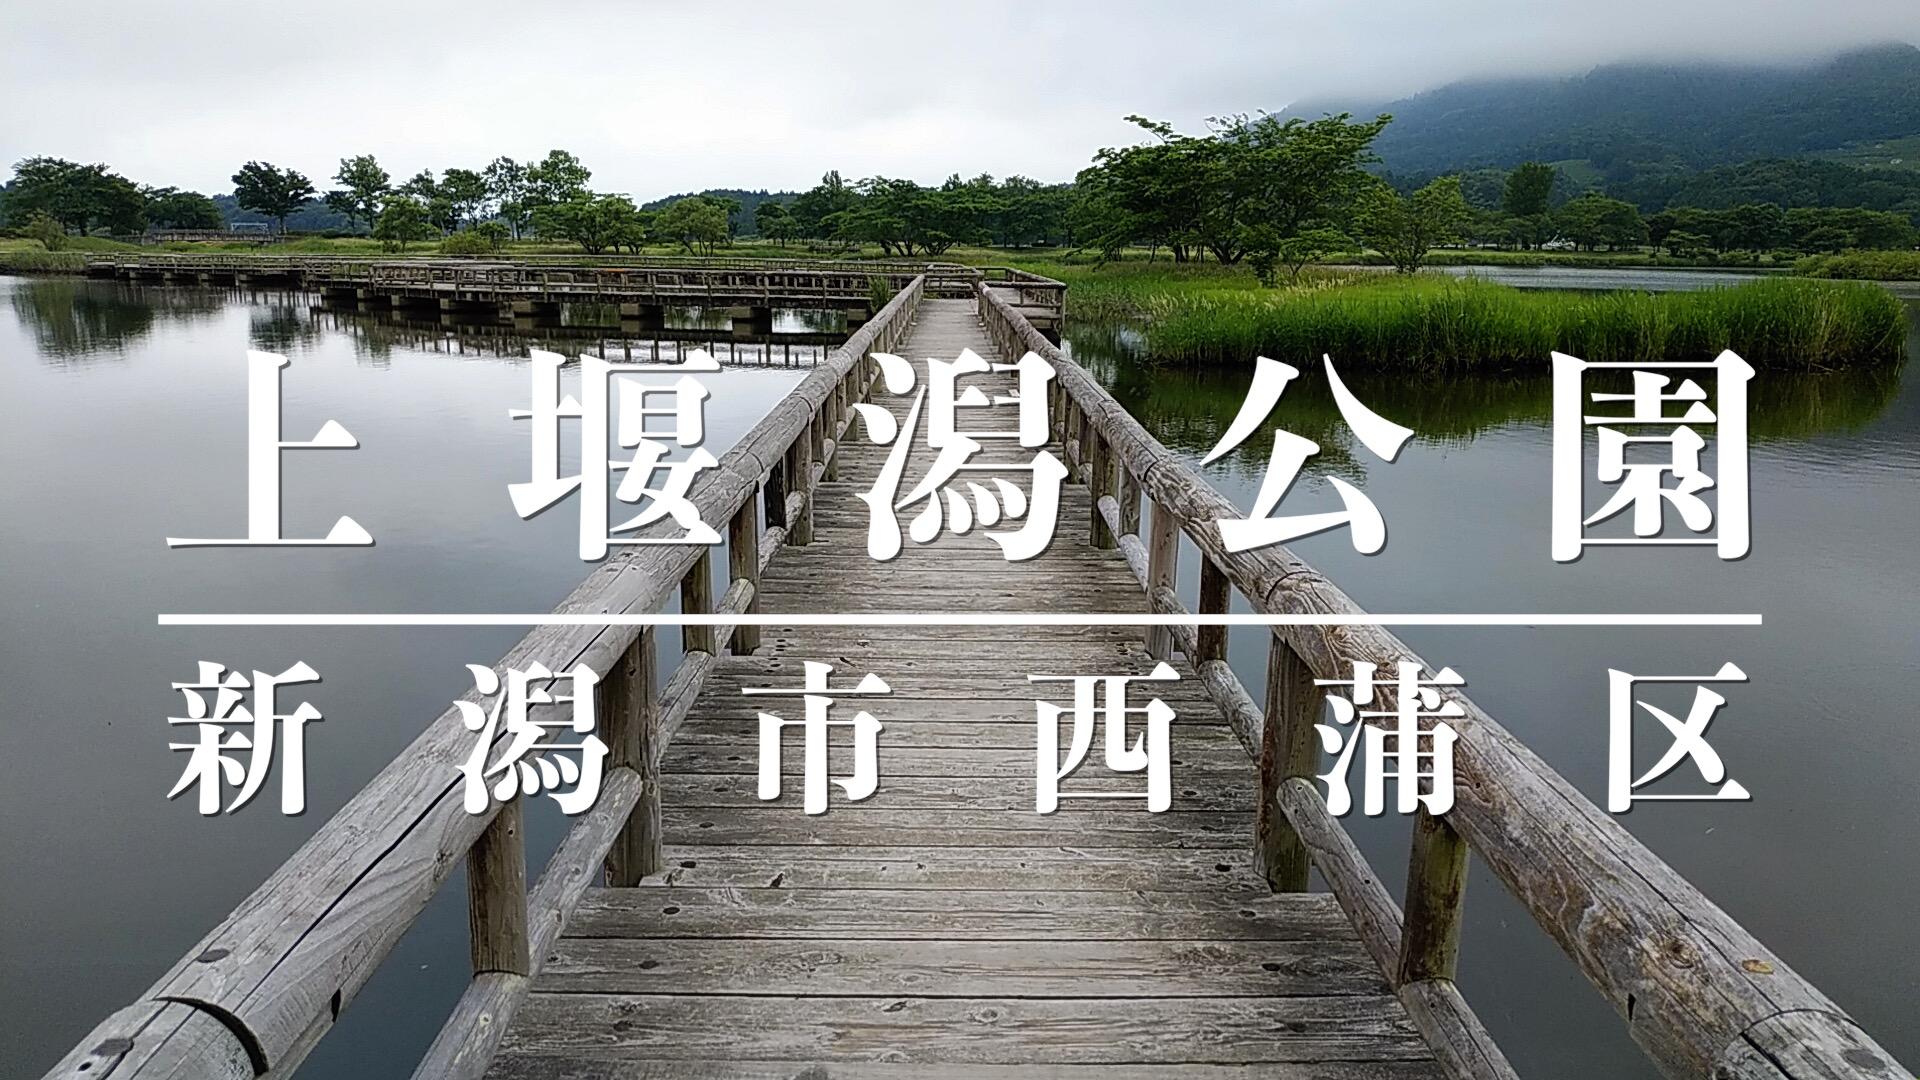 上堰潟公園アイキャッチ